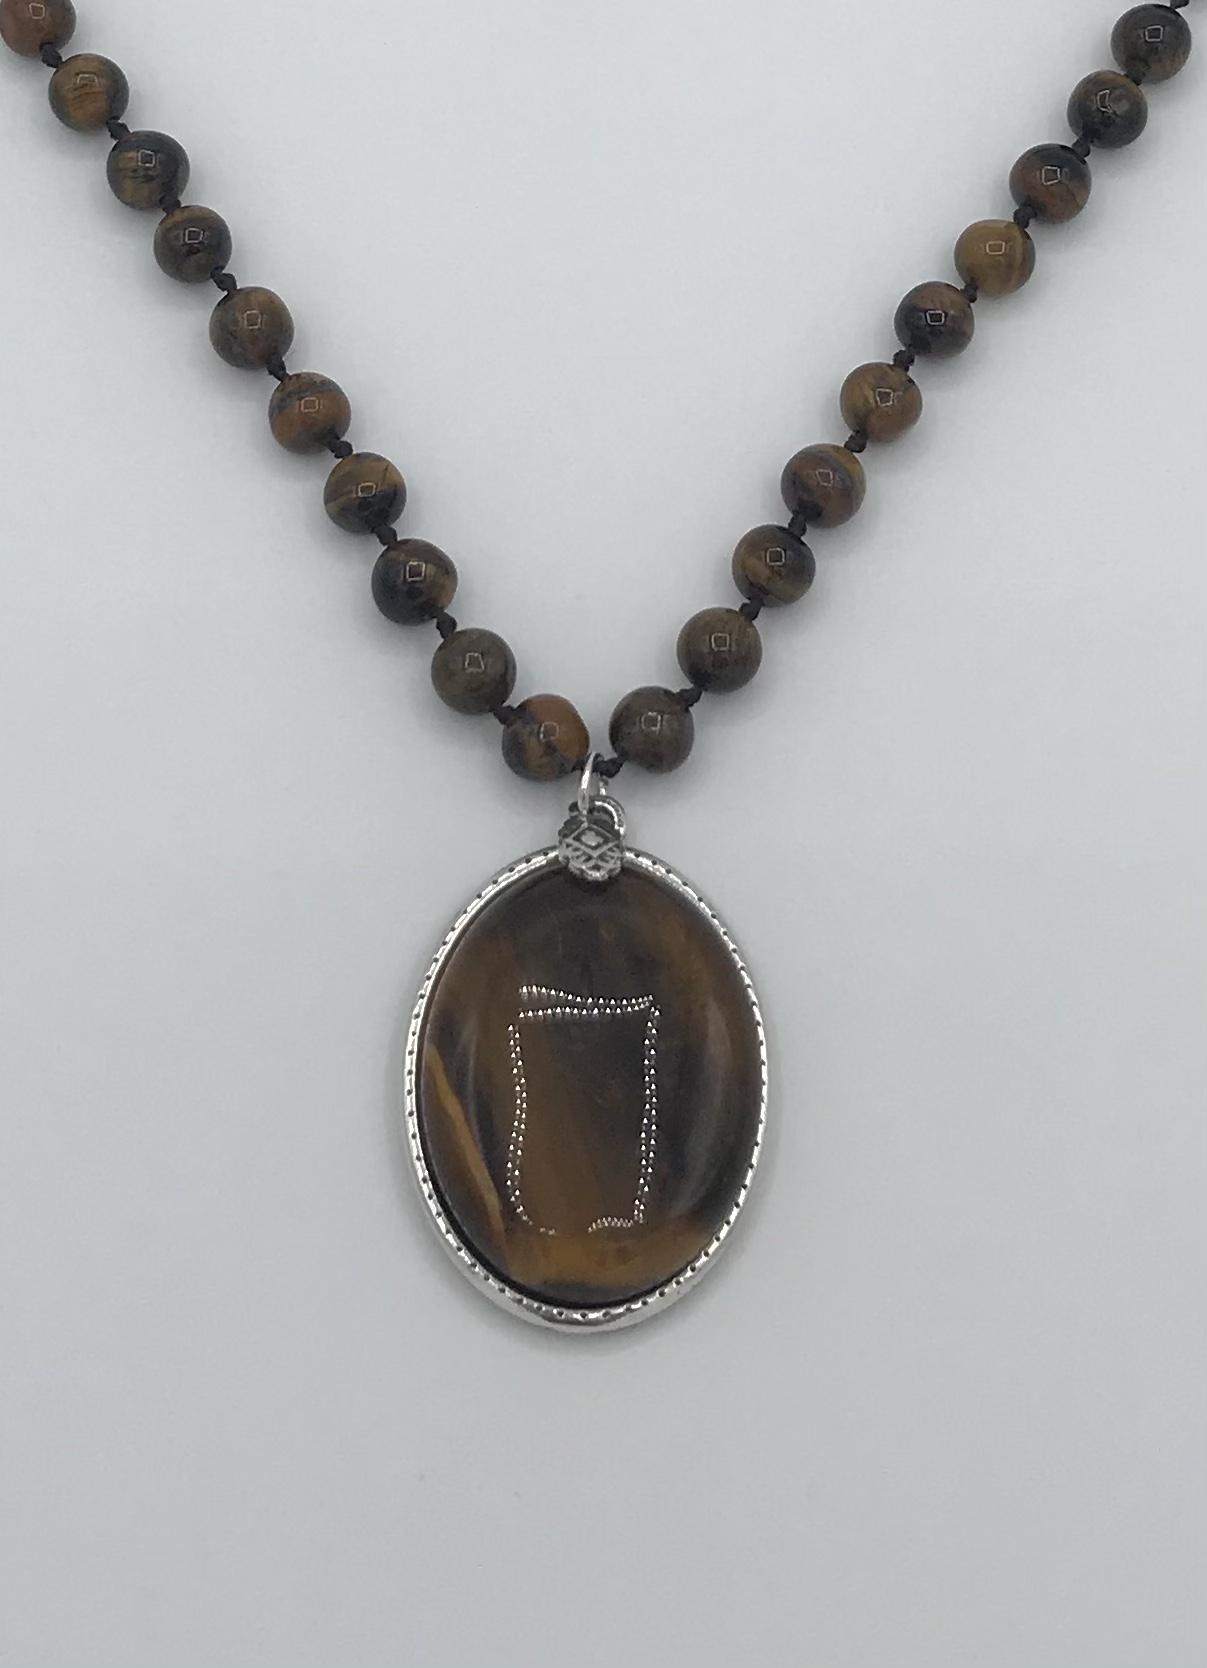 Bague Canyon Roma 4 | Marie K boutique de bijoux en argent